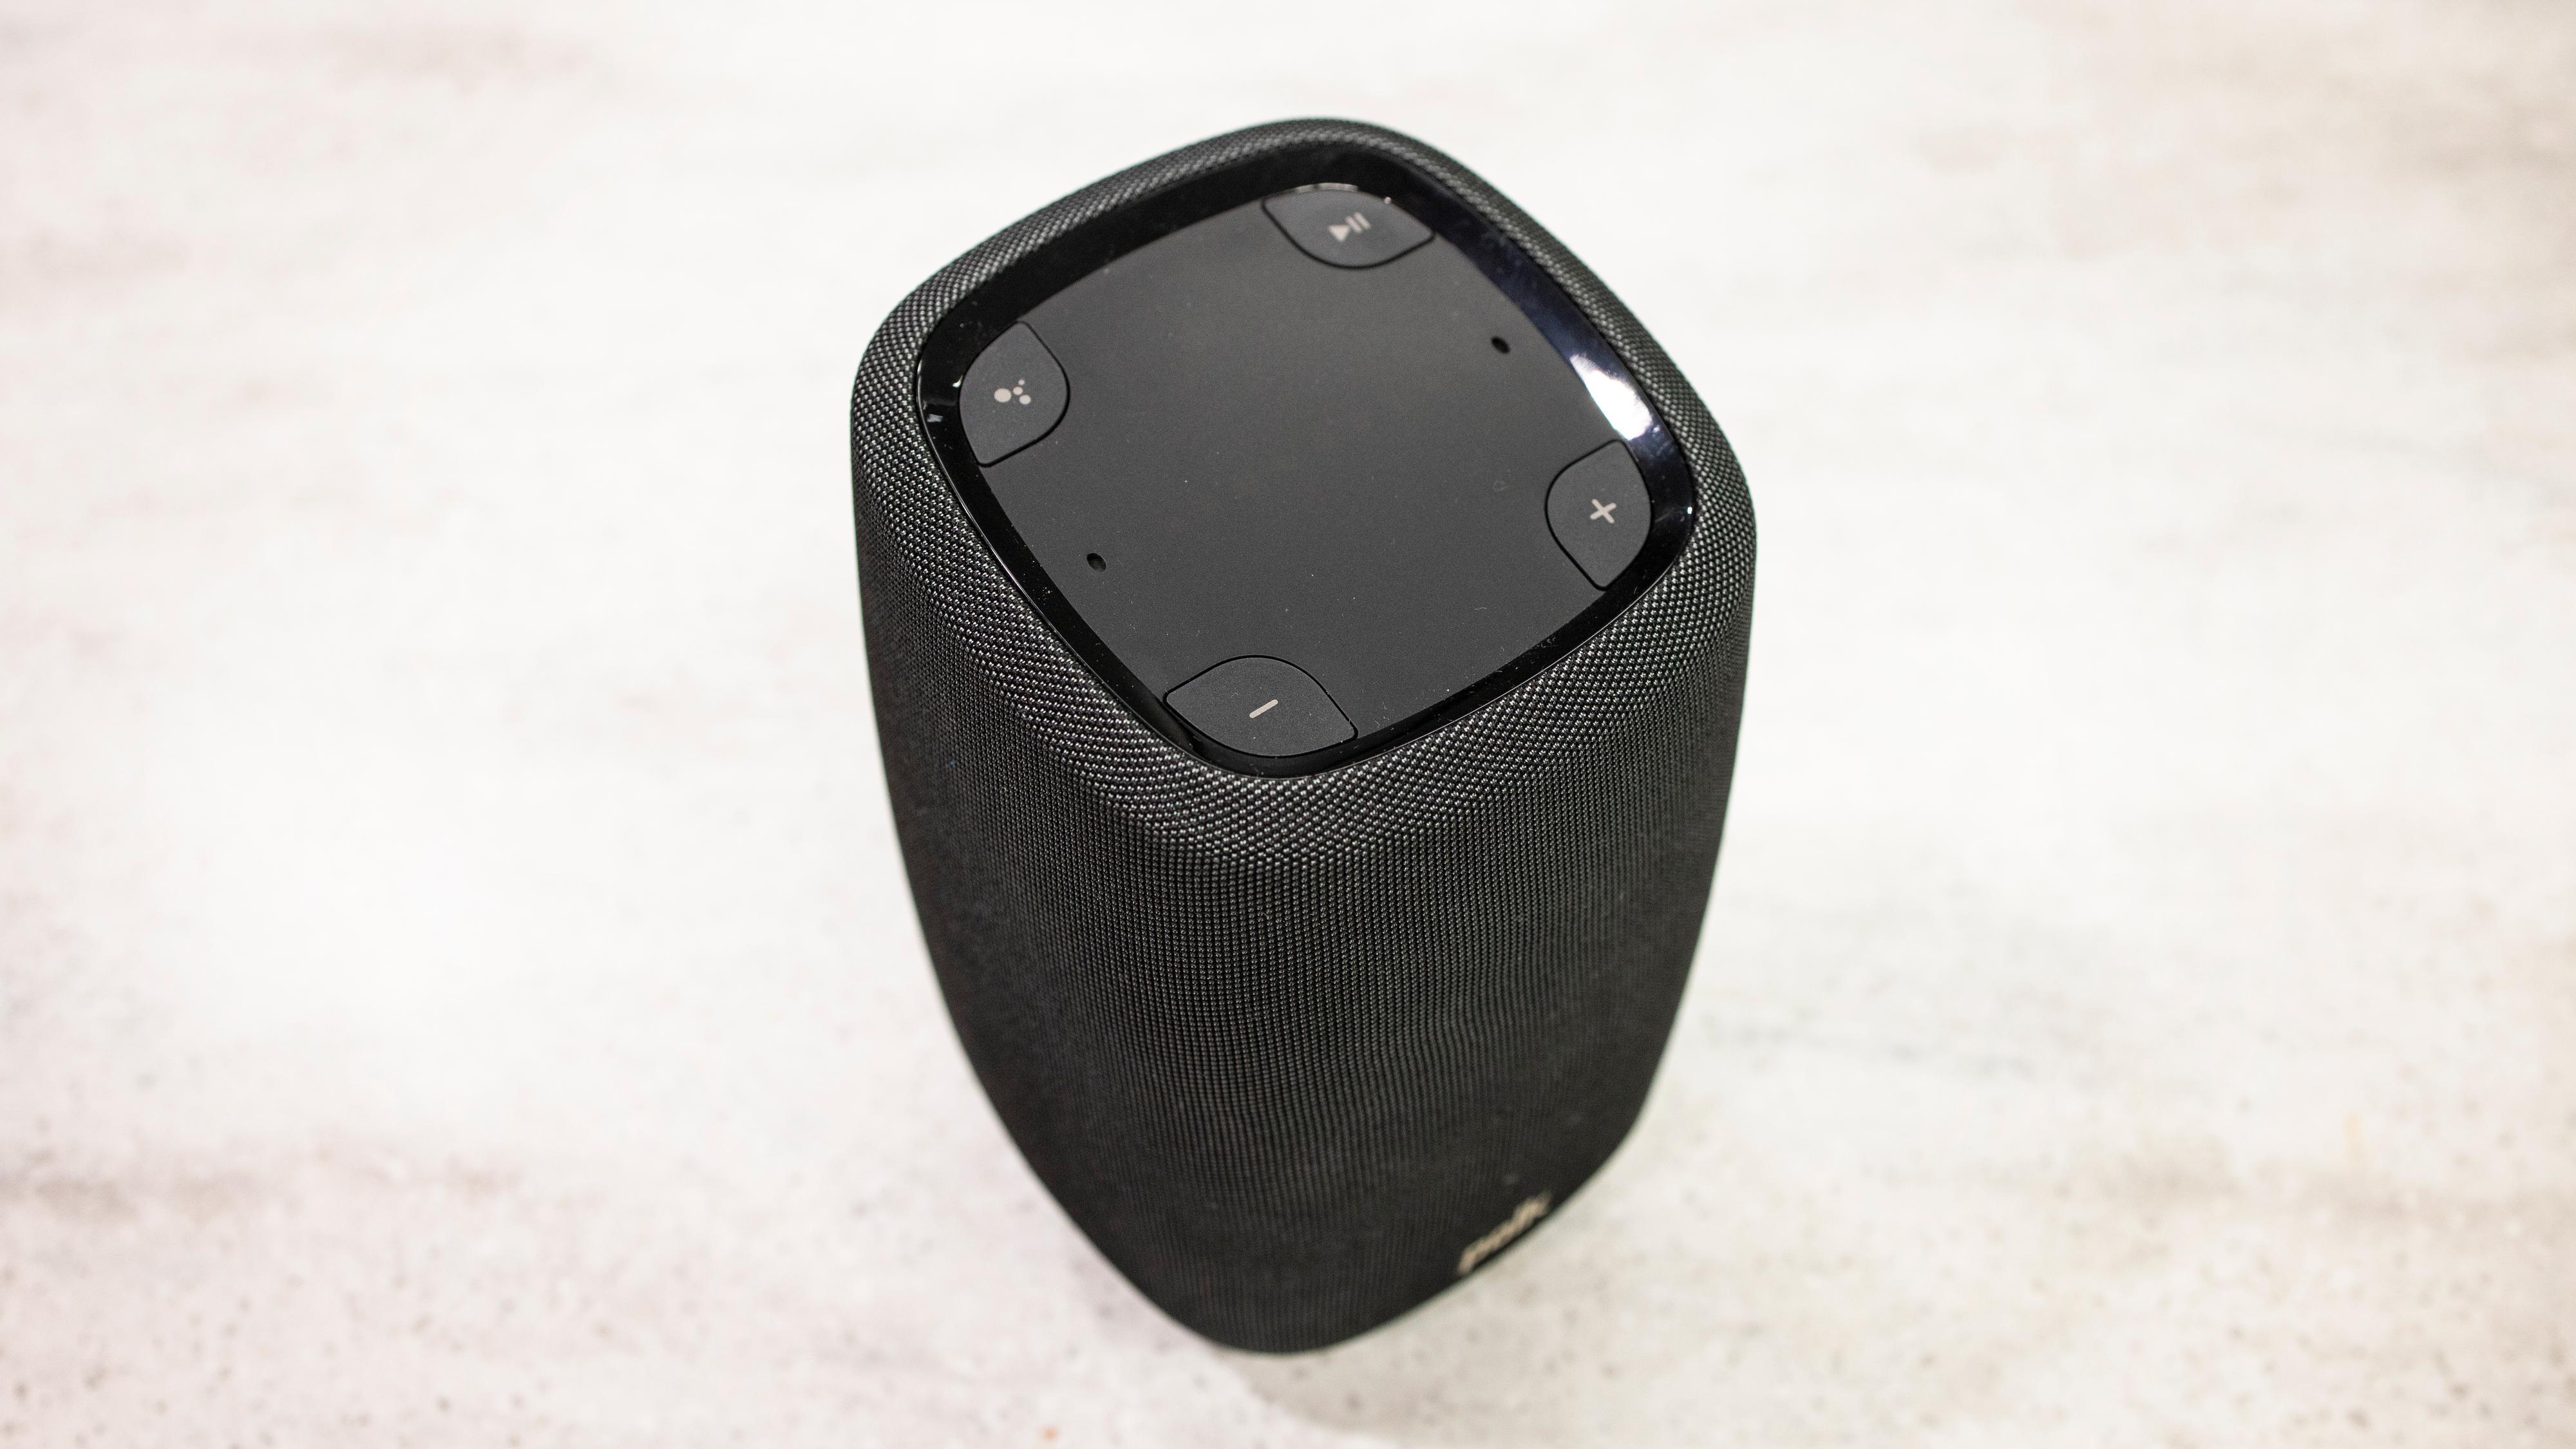 Fire knapper på toppen av høyttaleren, i tillegg til en stripe av lysdioder som angir volum og om høyttaleren lytter.